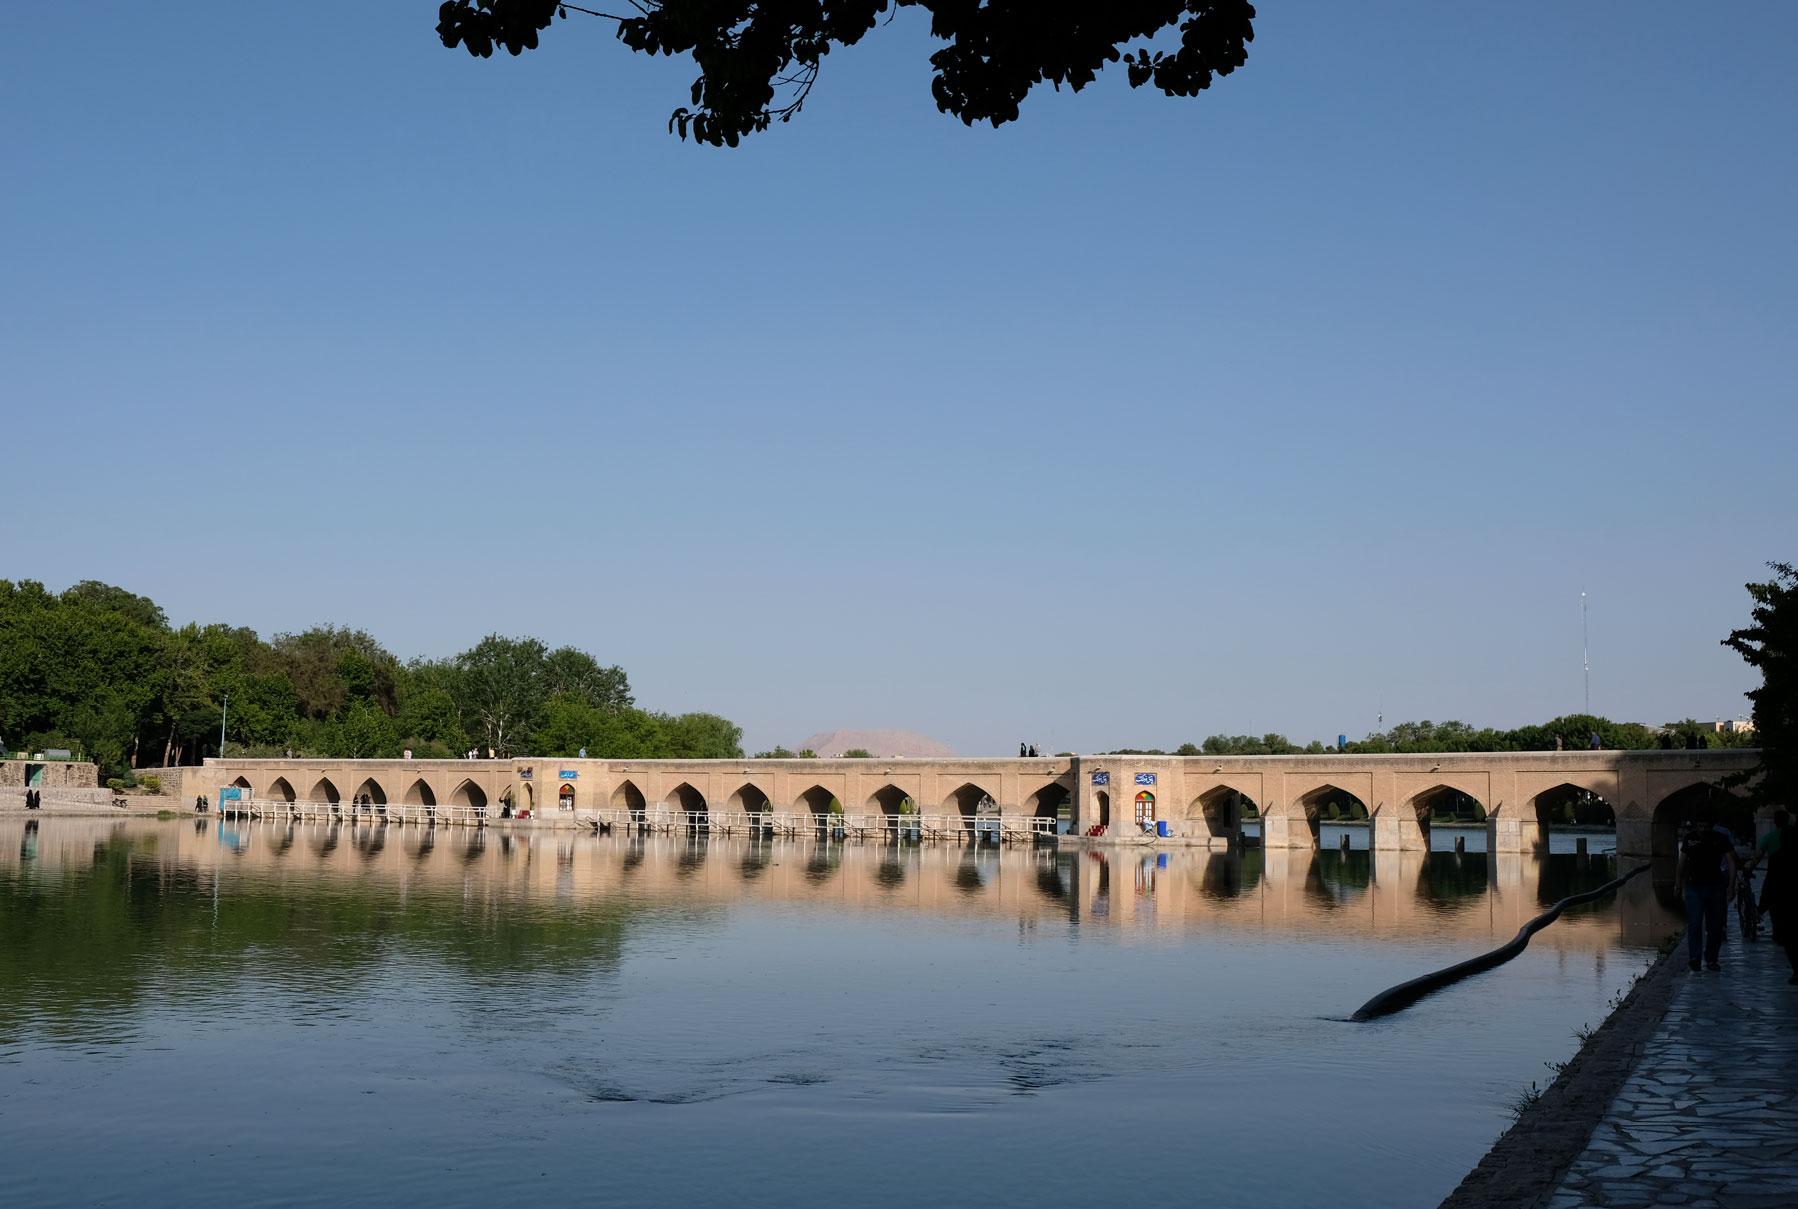 Am nächsten Tag fahren wir noch zum Zayandeh-Fluss und schauen uns die vielen schönen Steinbrücken an